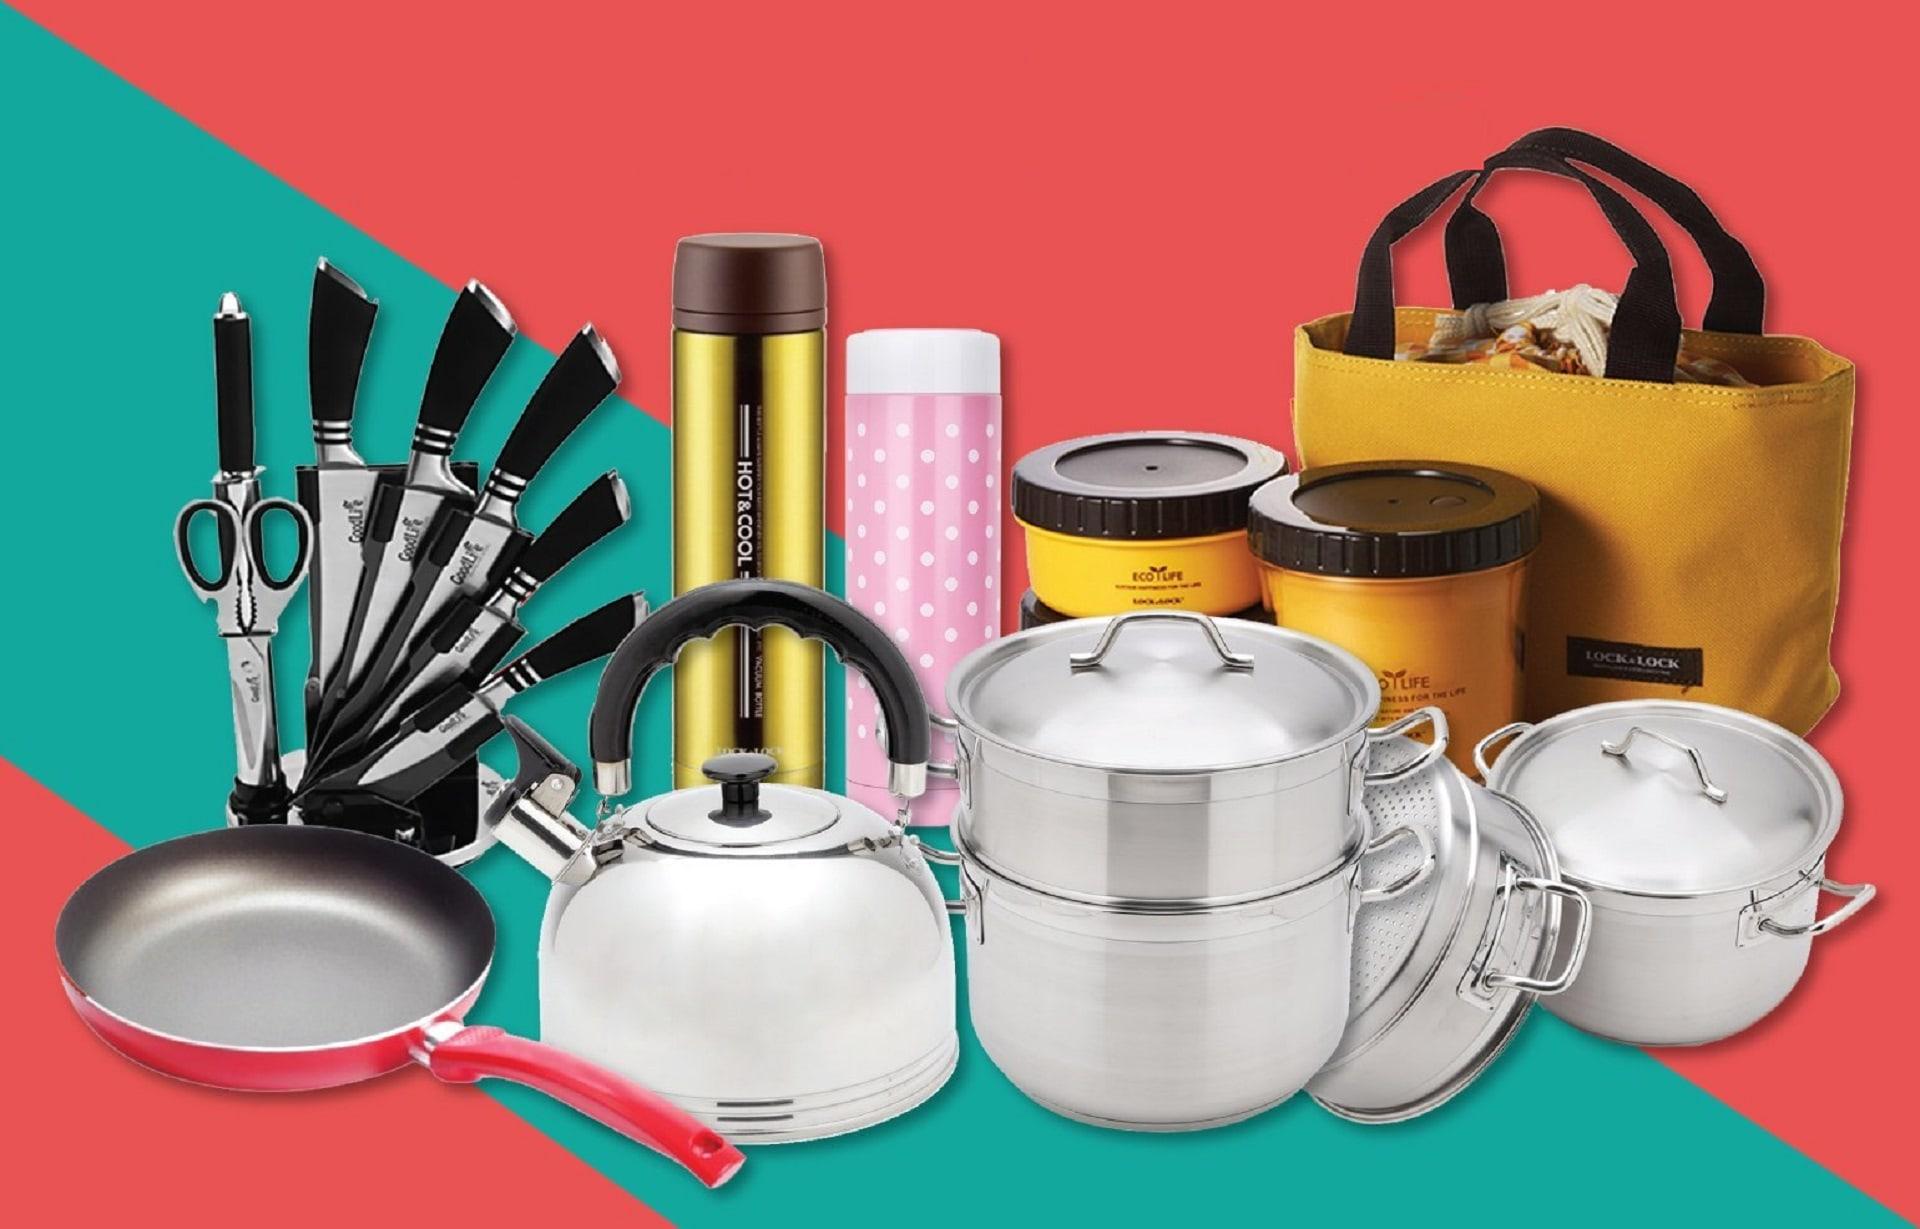 Quy cách đóng gói hàng gia dụng, đồ dùng trong gia đình